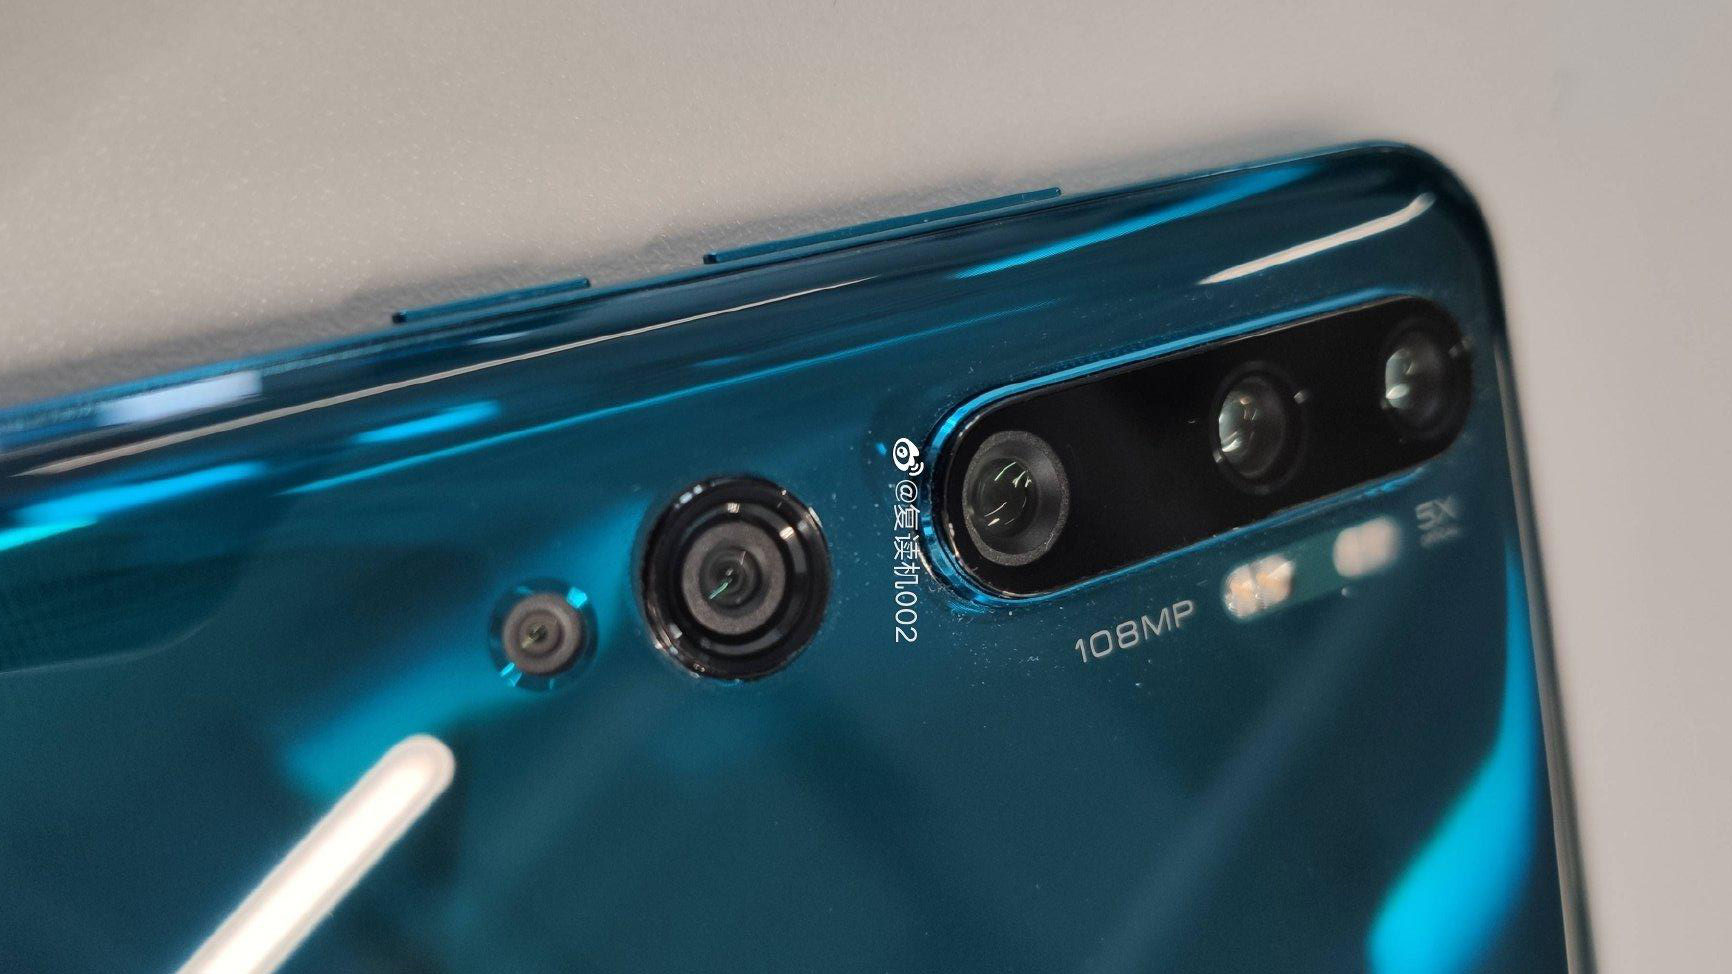 شیائومی می سی سی ۹ پرو با دوربین پنج گانه ۱۰۸ مگاپیکسلی و نمایشگر دولبه خمیده لو رفت